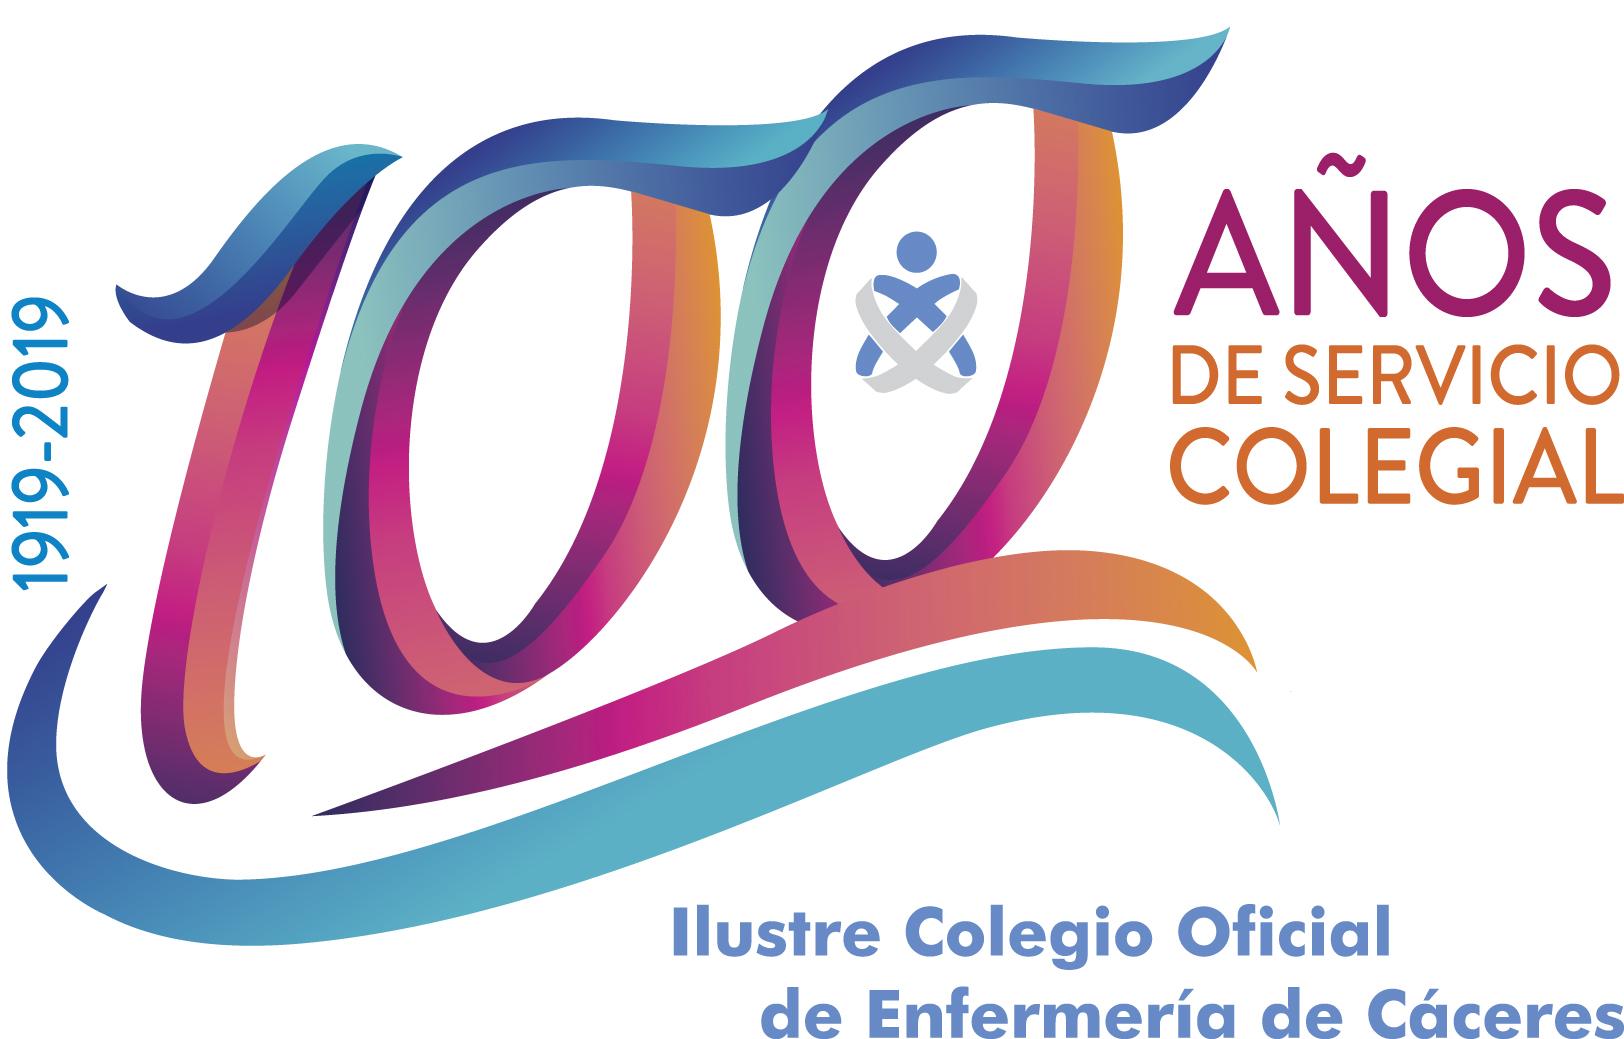 Logo Centenario Colegio Enfermería de Cáceres